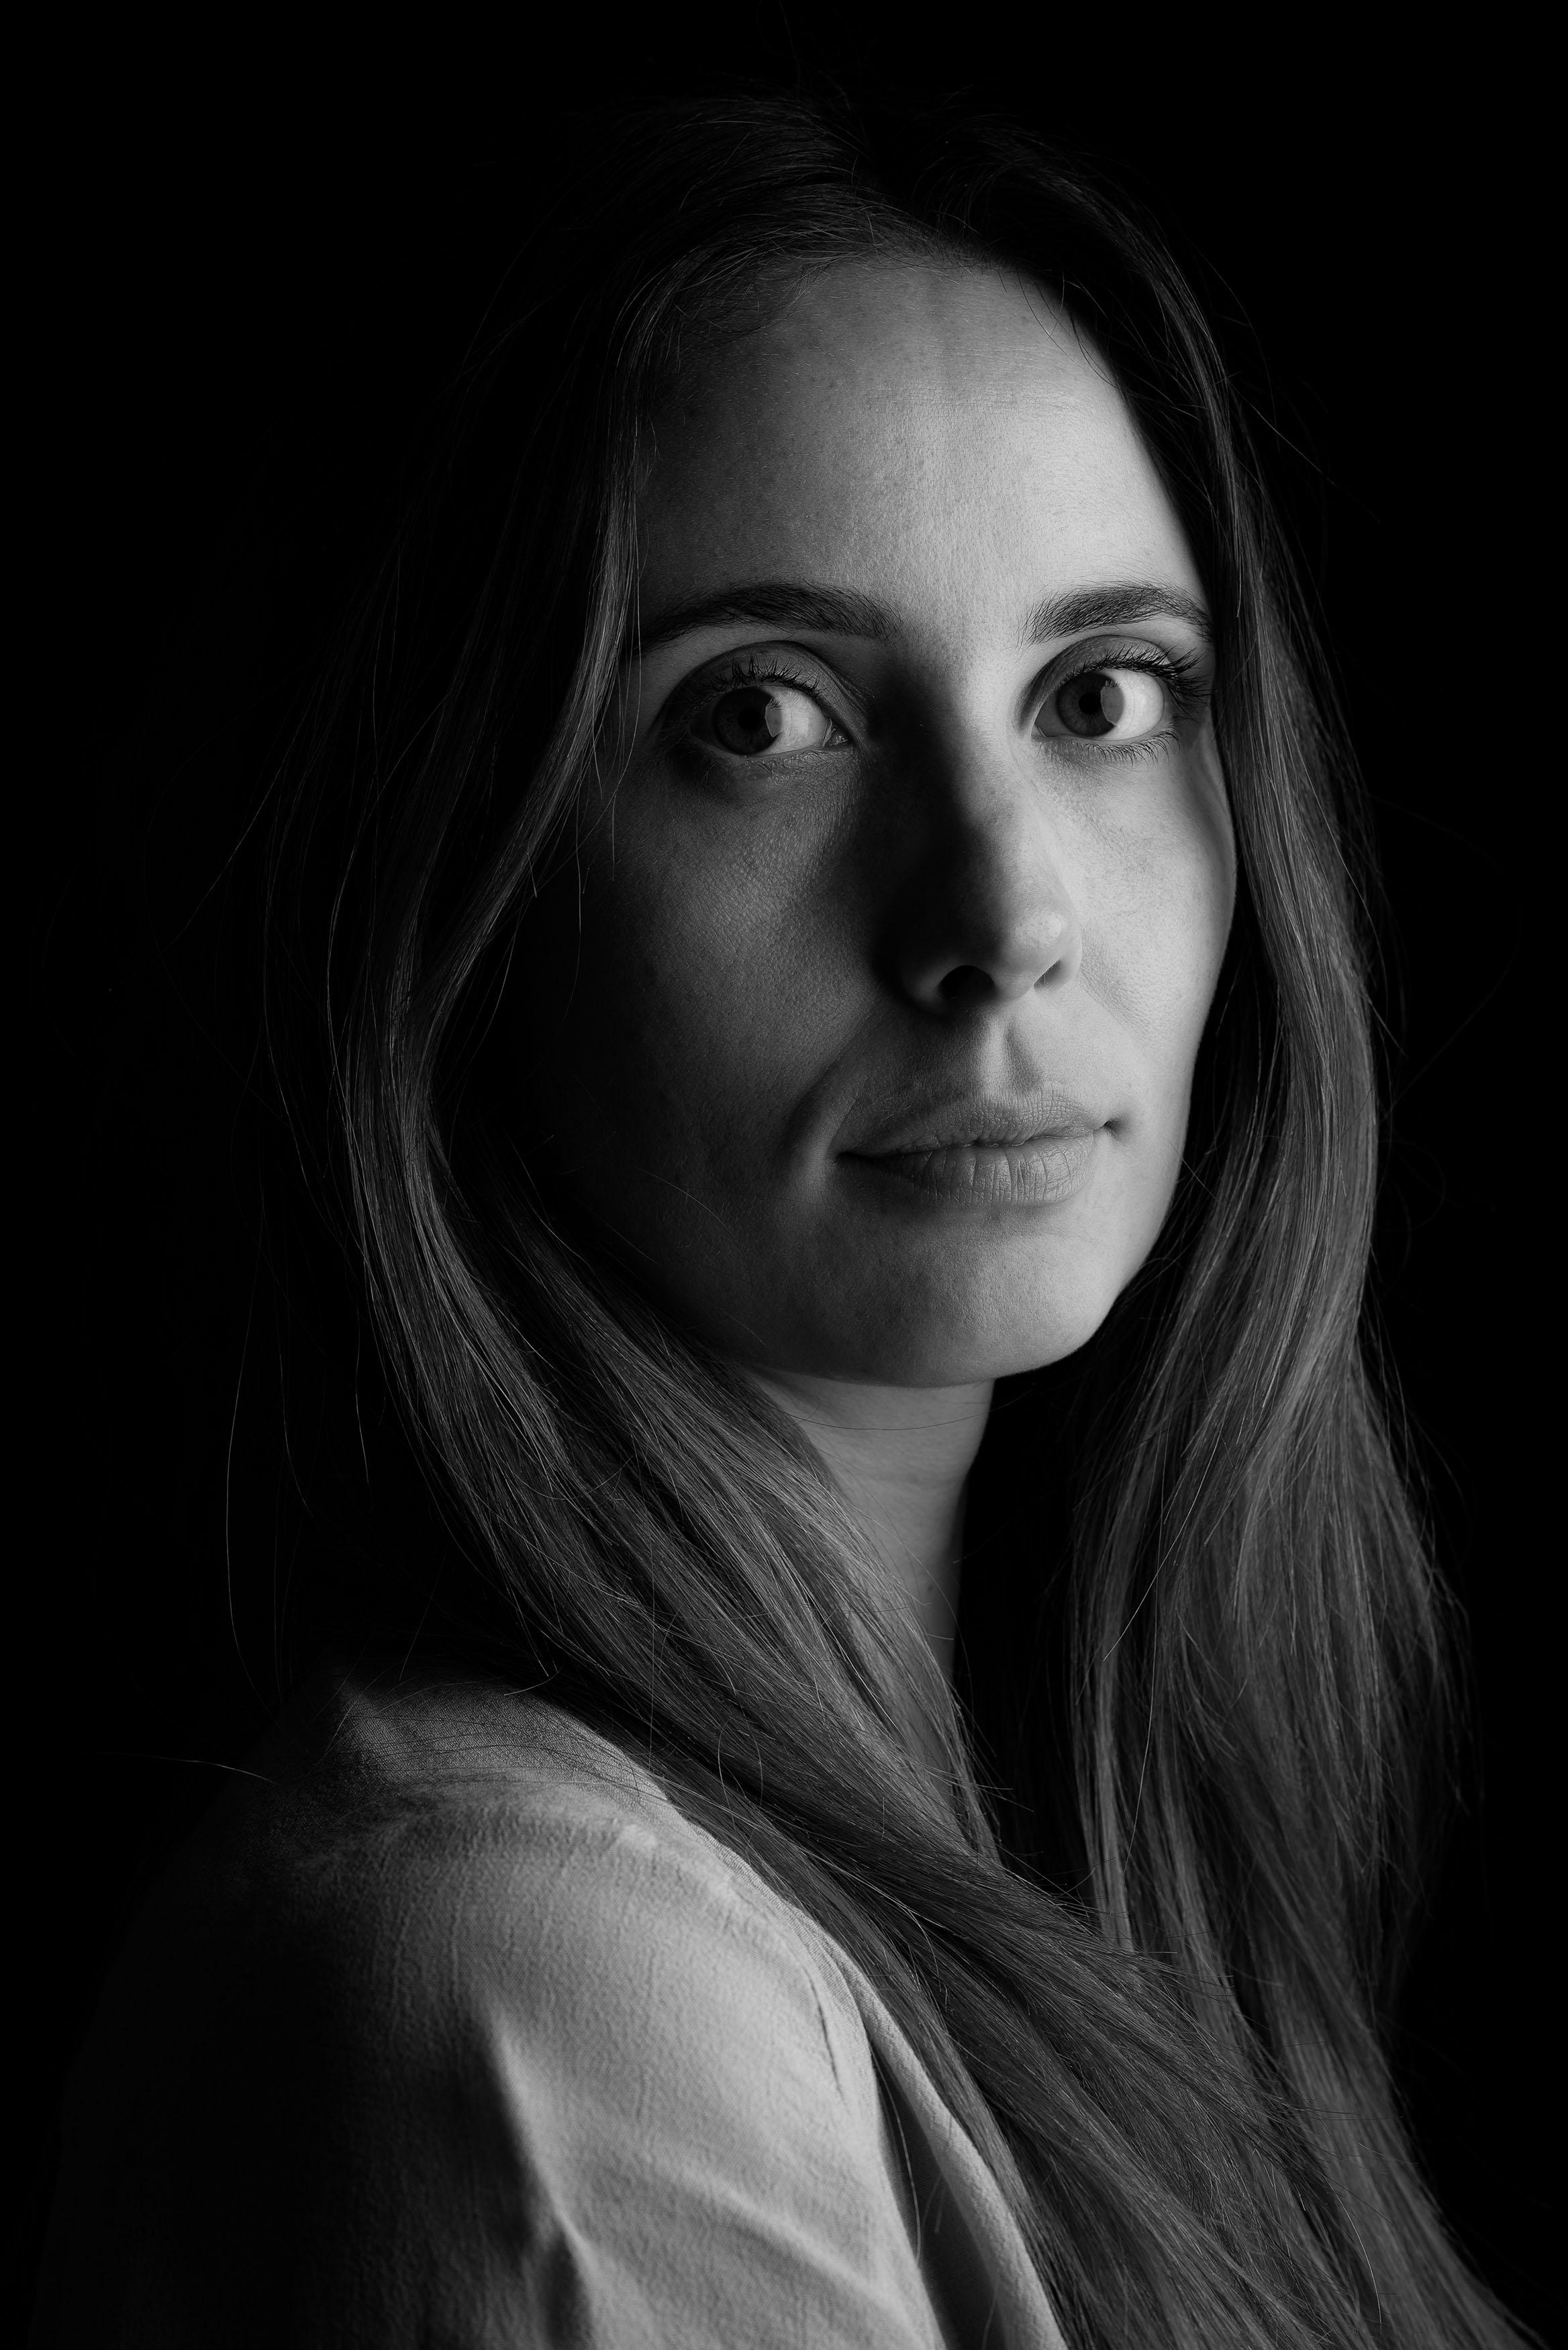 LLone Rasmussen Photography, www.lonerasmussenphotography.dk, portræt, portrætfotografi, kvinde, sort-hvid